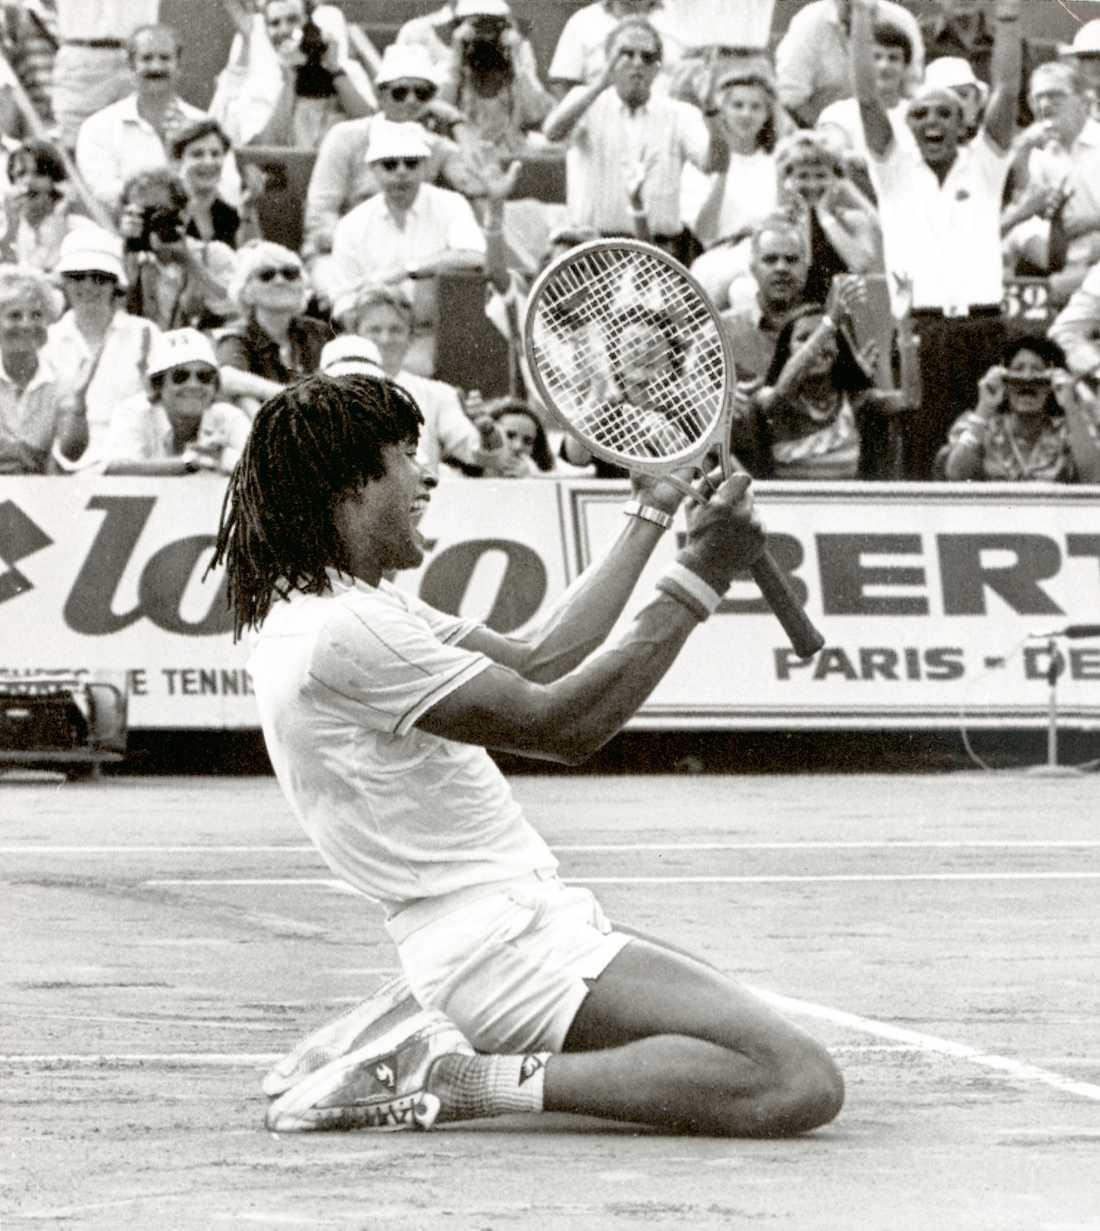 1983, Yannick Noah (FRA)  Wilander fick dock nöja sig med föregående års vinst i Franska öppna. 1983 vann Yannick Noah finalen mot Wilander med 6-2, 7-5, 7-6.